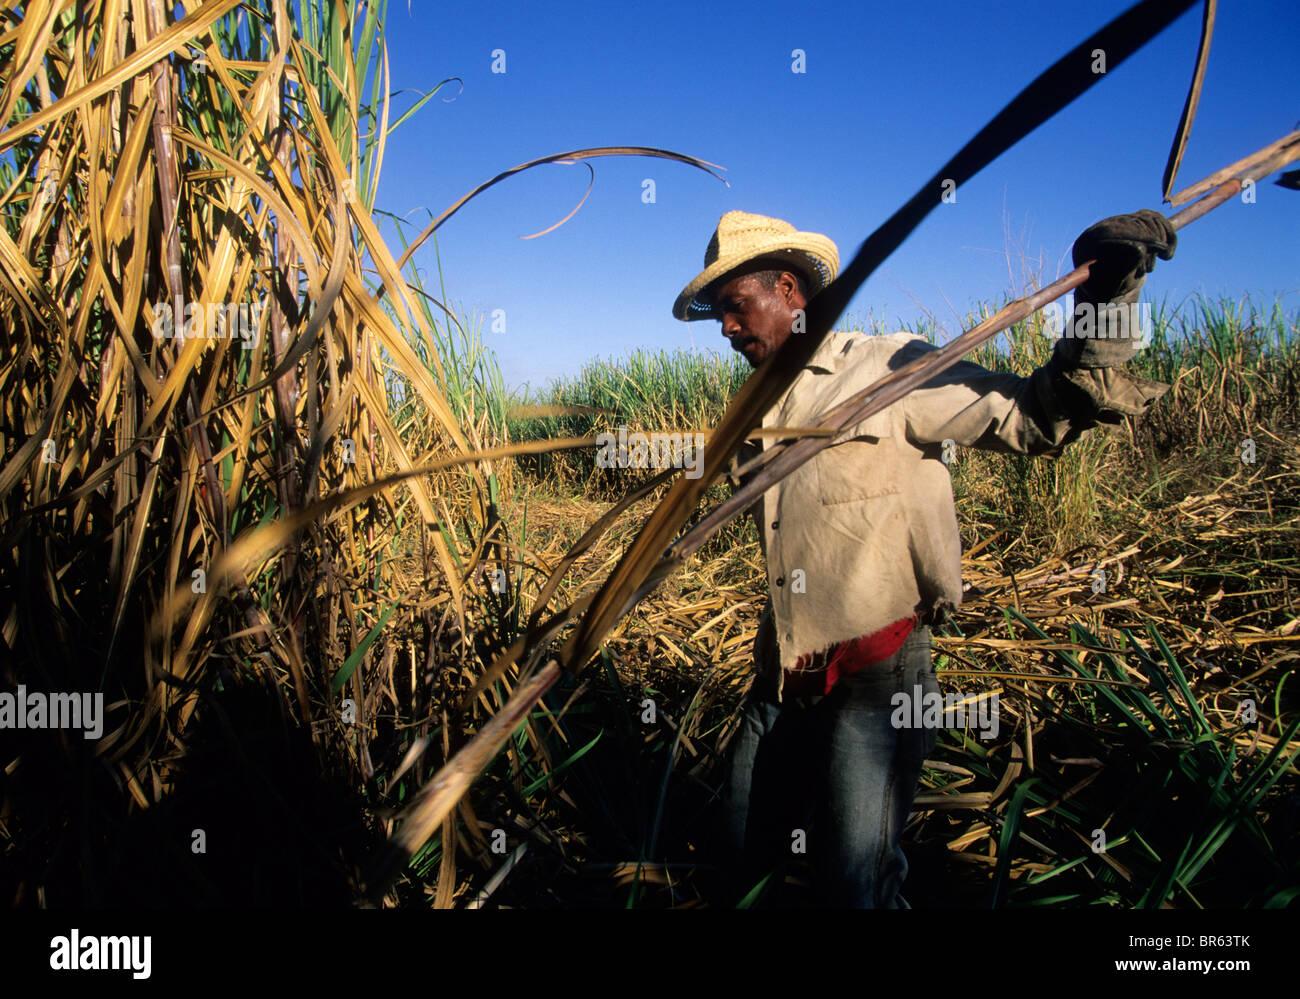 Worker cuts sugar cane in the Valle de los Ingenios Cuba - Stock Image